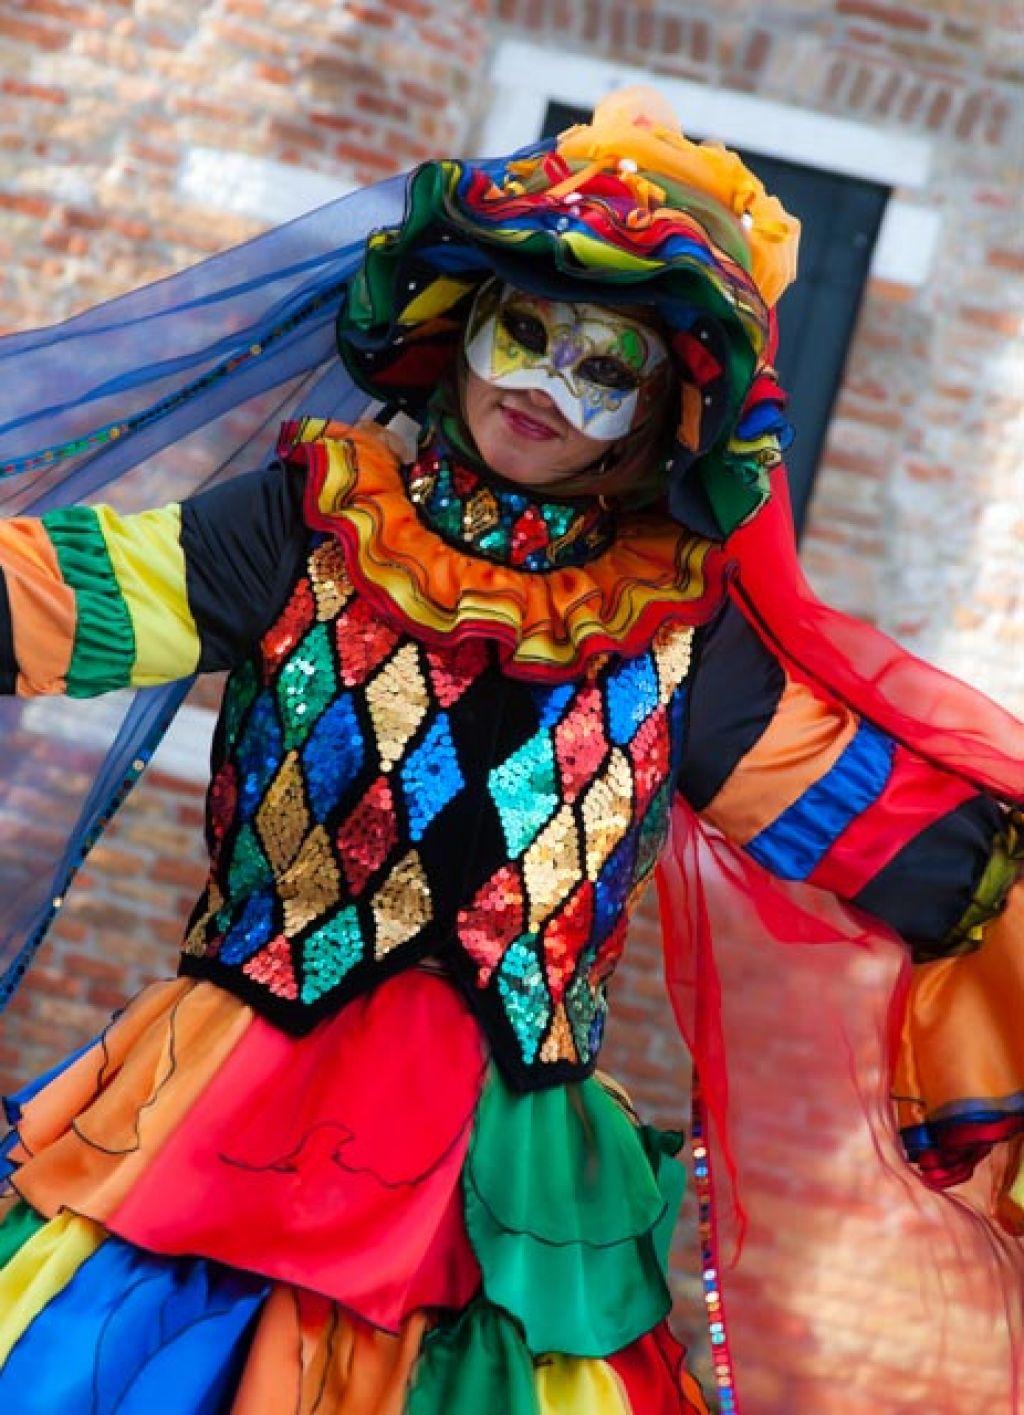 venice carnival9 Carnival Costumes at Santa Maria della Salute